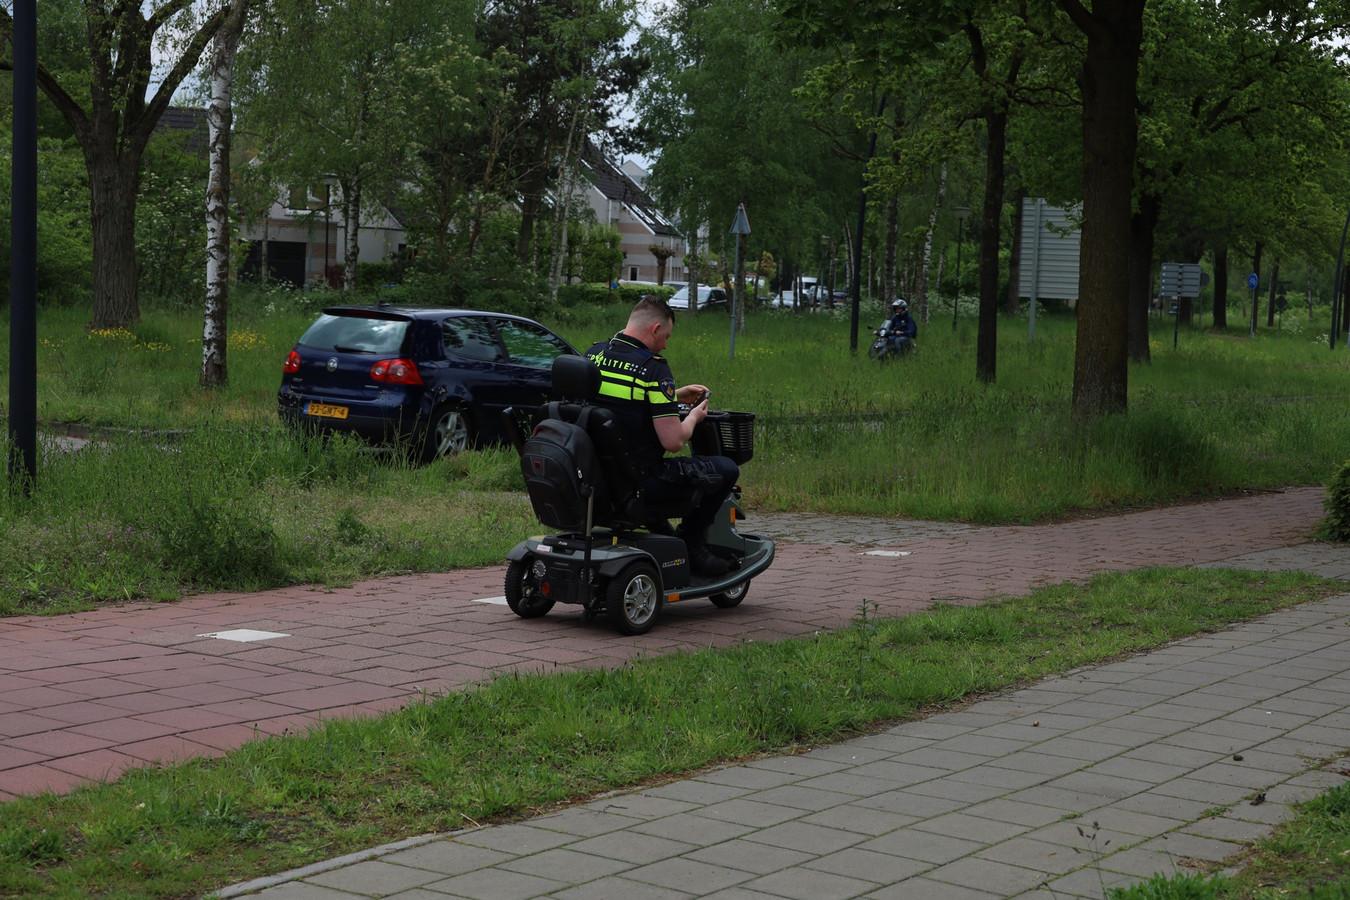 De politie heeft de scootmobiel teruggebracht.